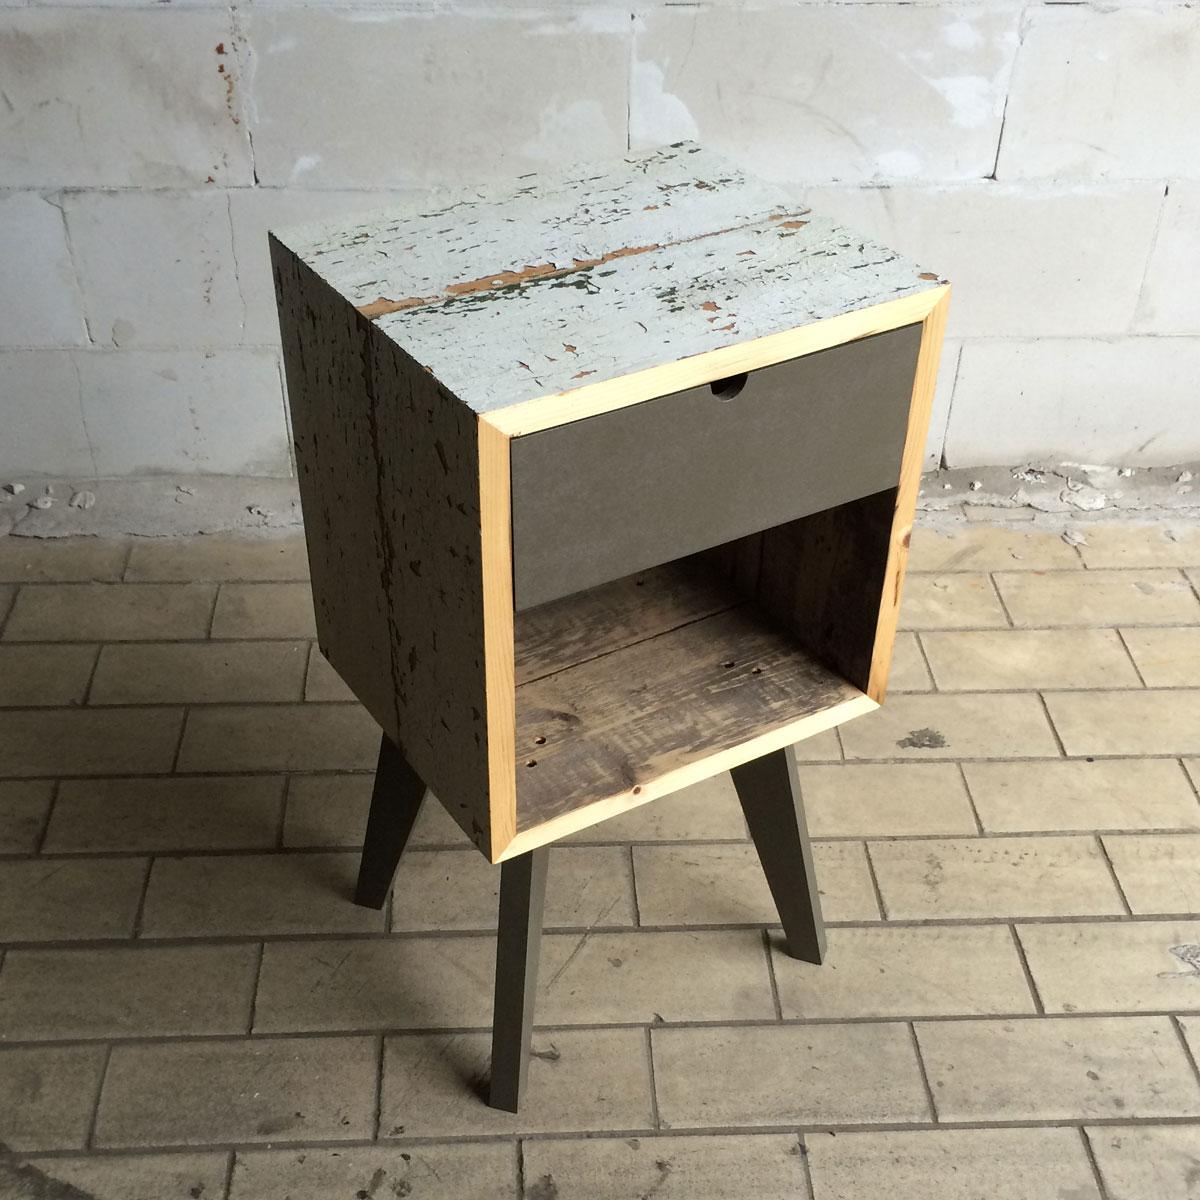 Recycle-kastje_6410